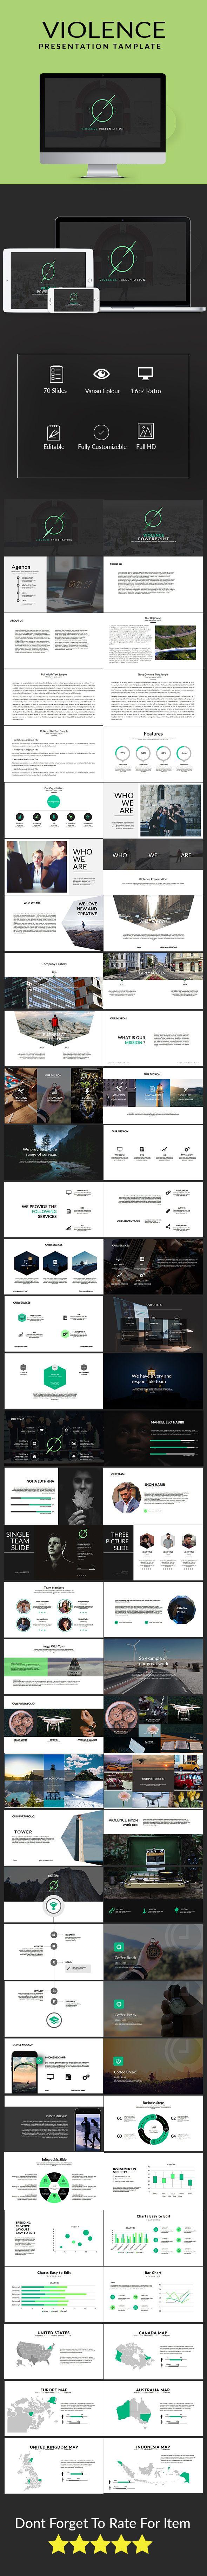 Violence multipurpose template keynote presentation templates and violence multipurpose template toneelgroepblik Choice Image